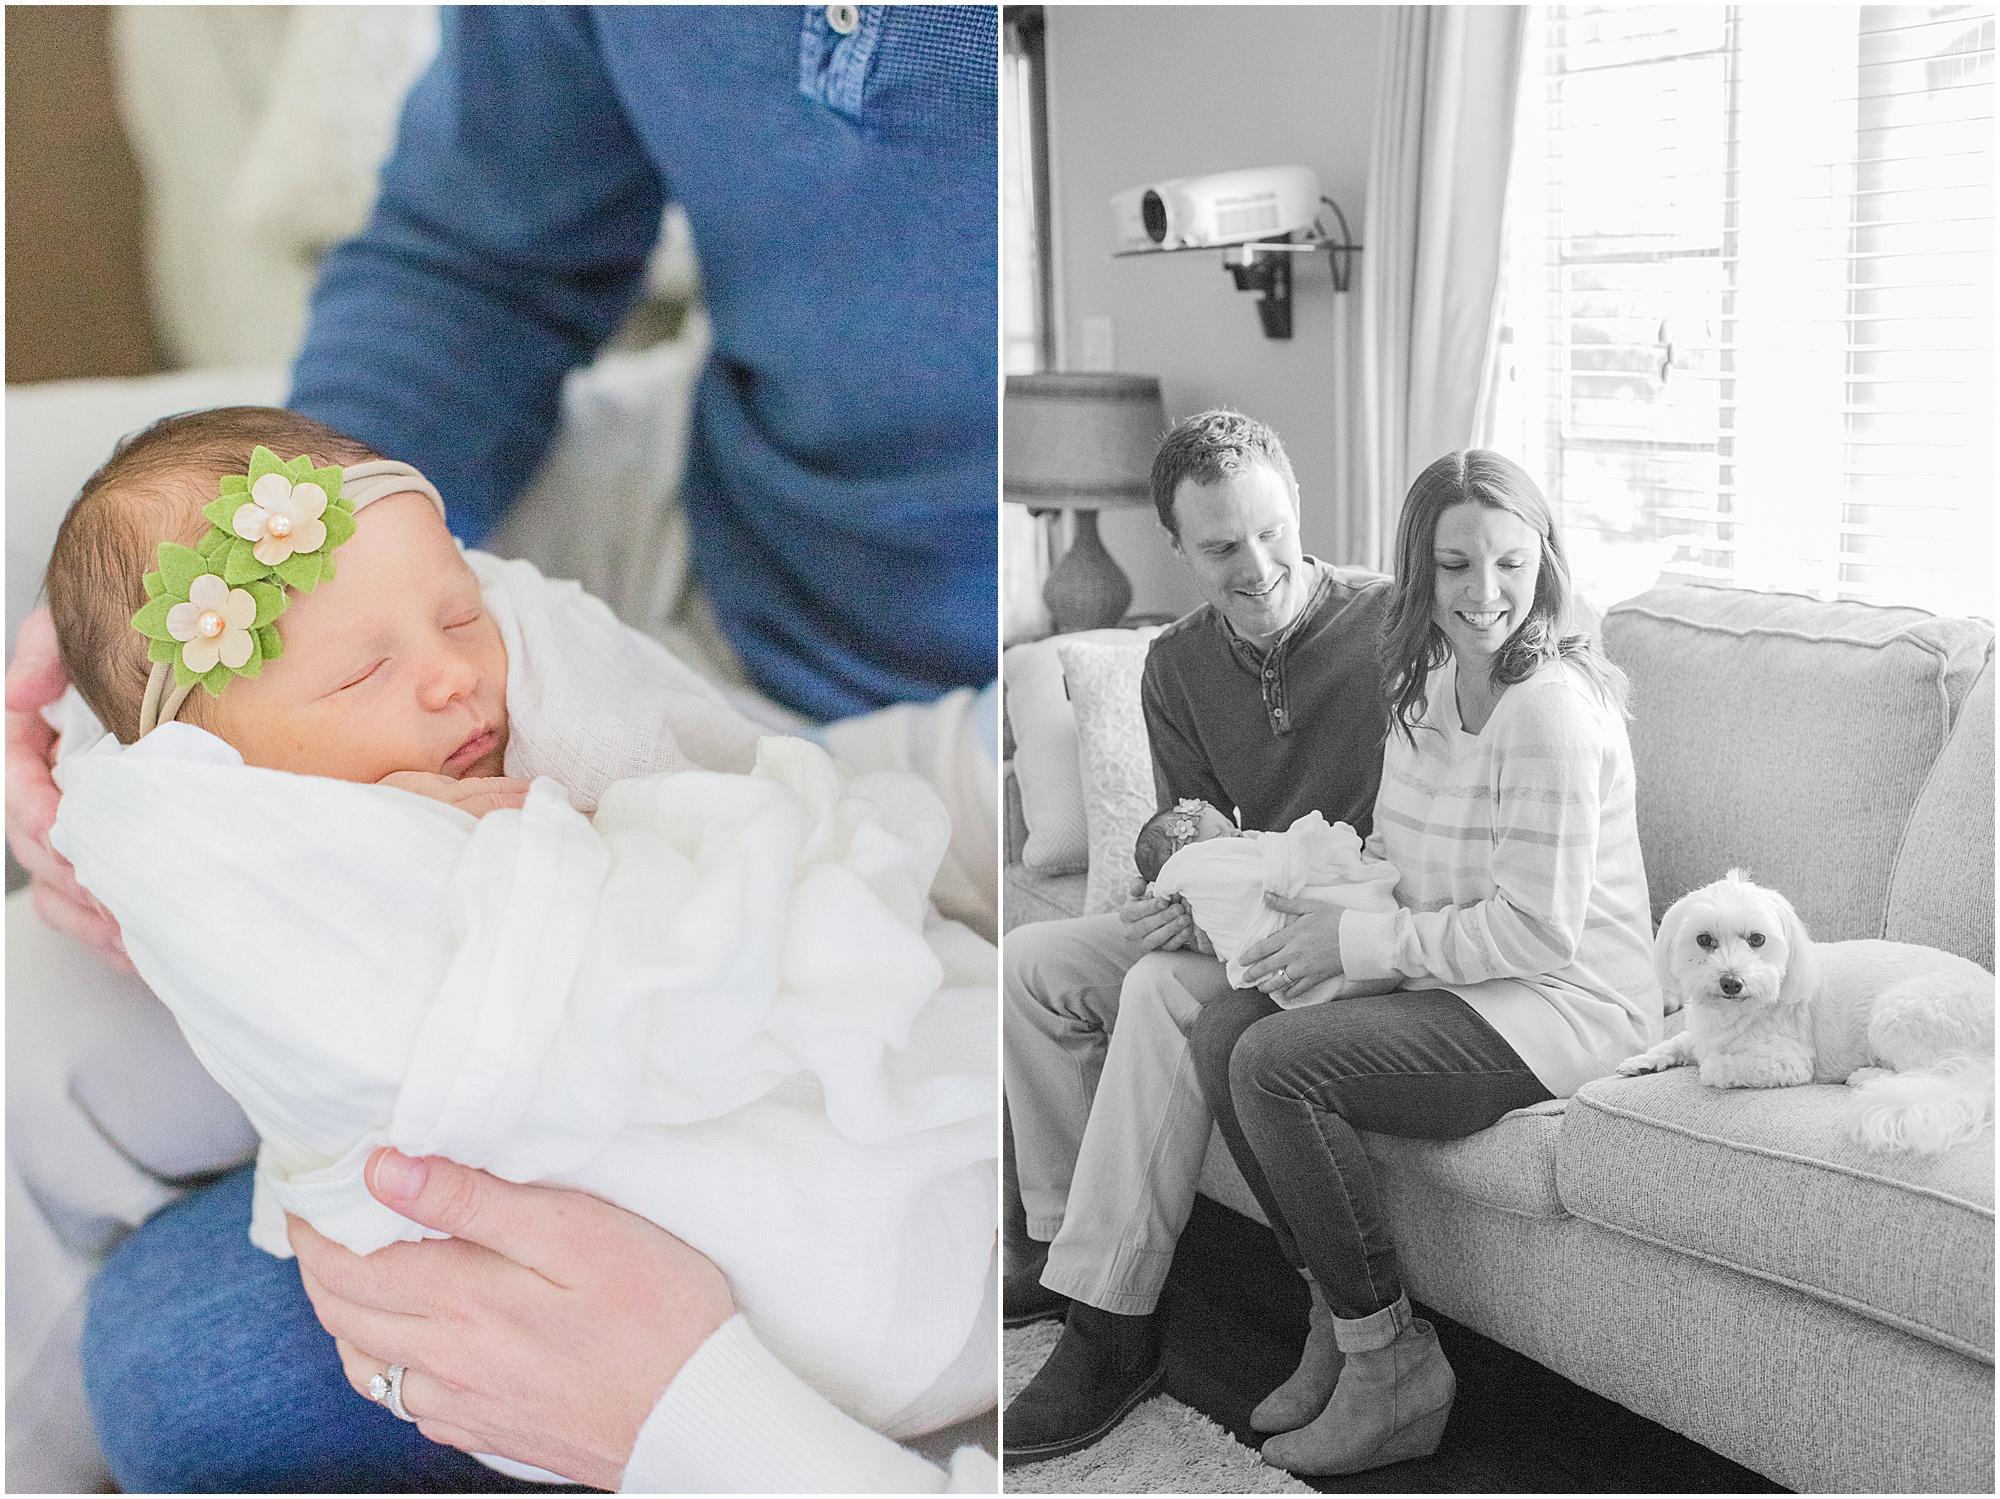 mississippi-newborn-family-photographer_0025.jpg